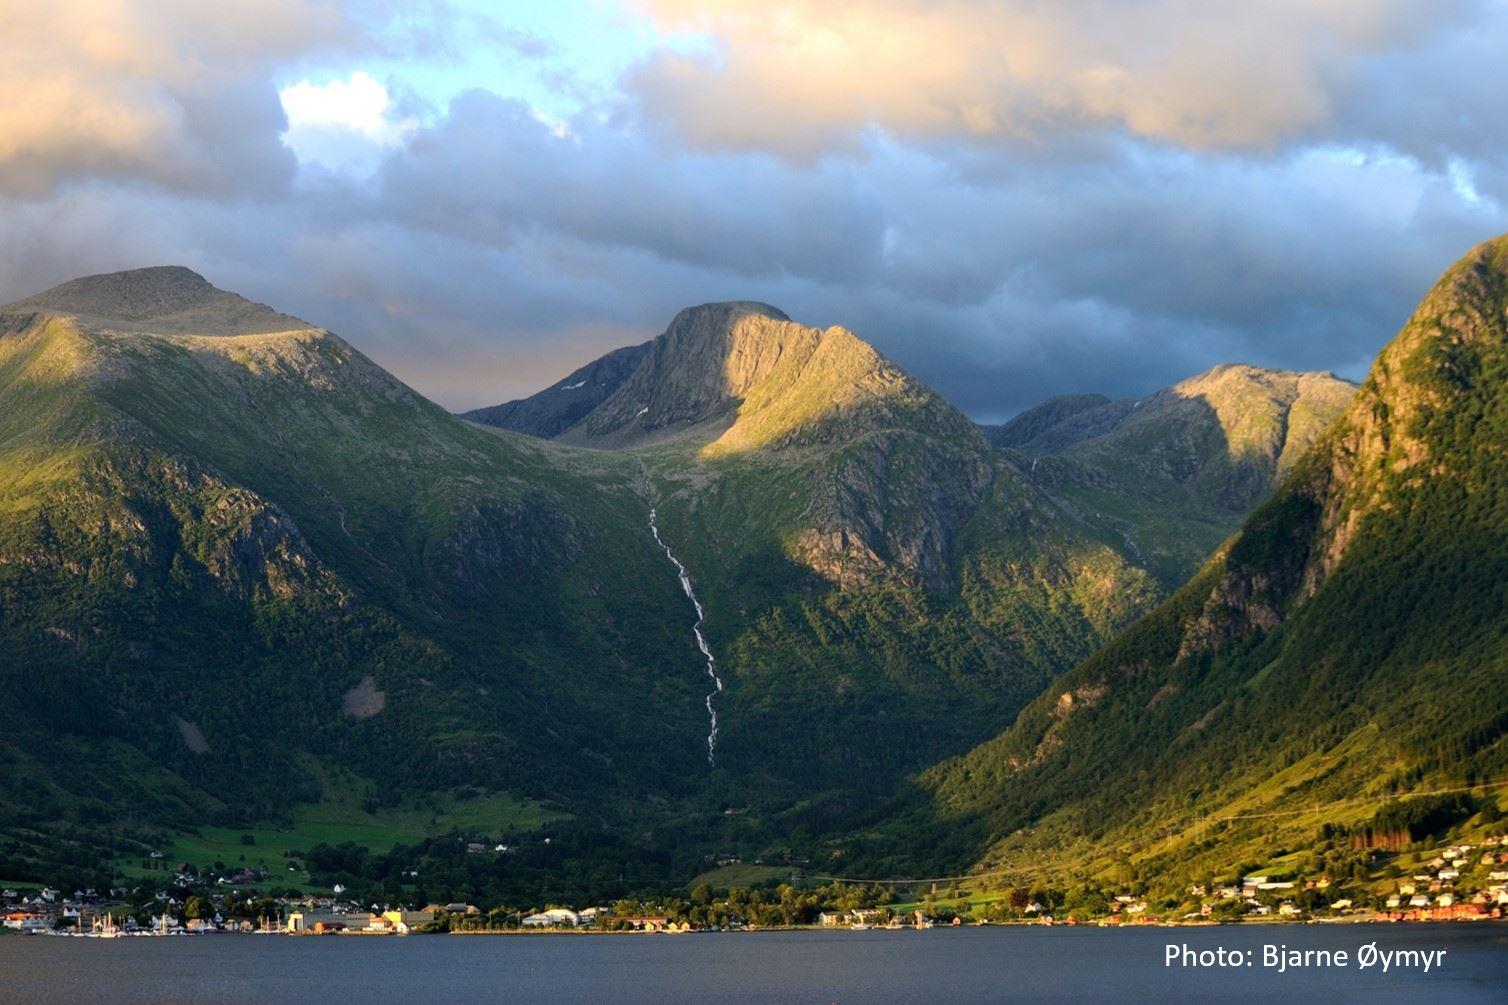 © Bjarne Øymyr, Travel like the locals - Rosendal i Hardanger